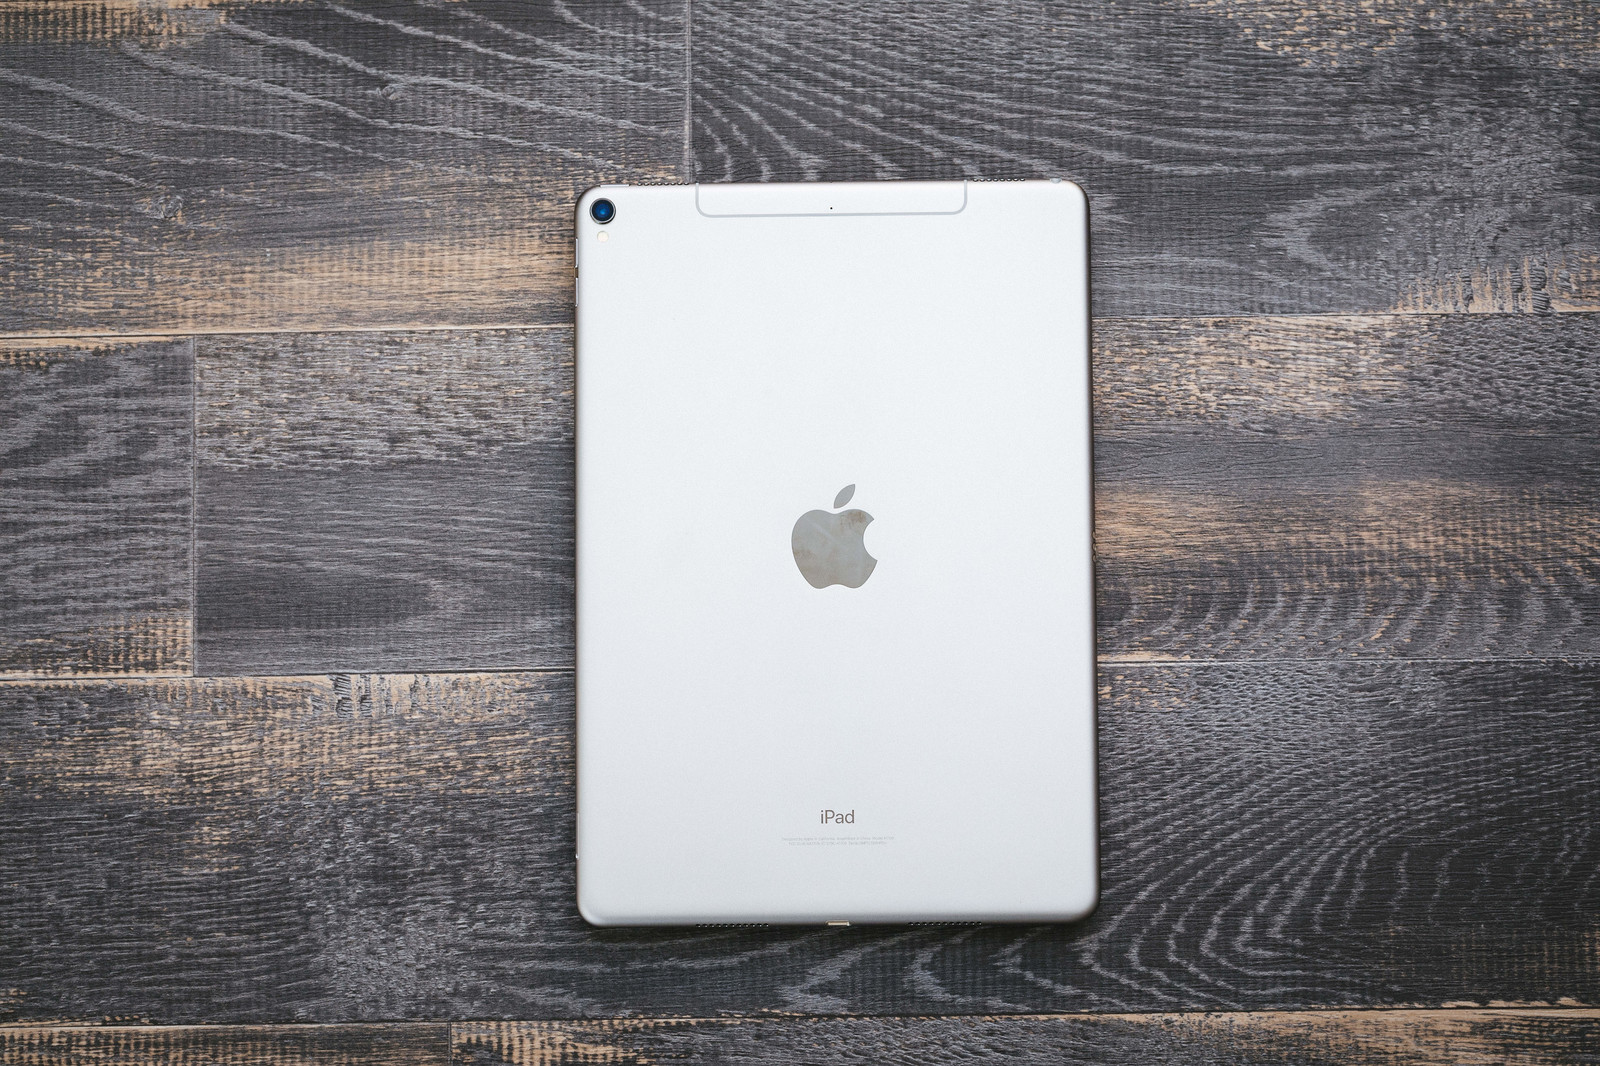 iPad Pro(10.5インチ)を買いました。それに伴って揃えたアクセサリーを紹介します!